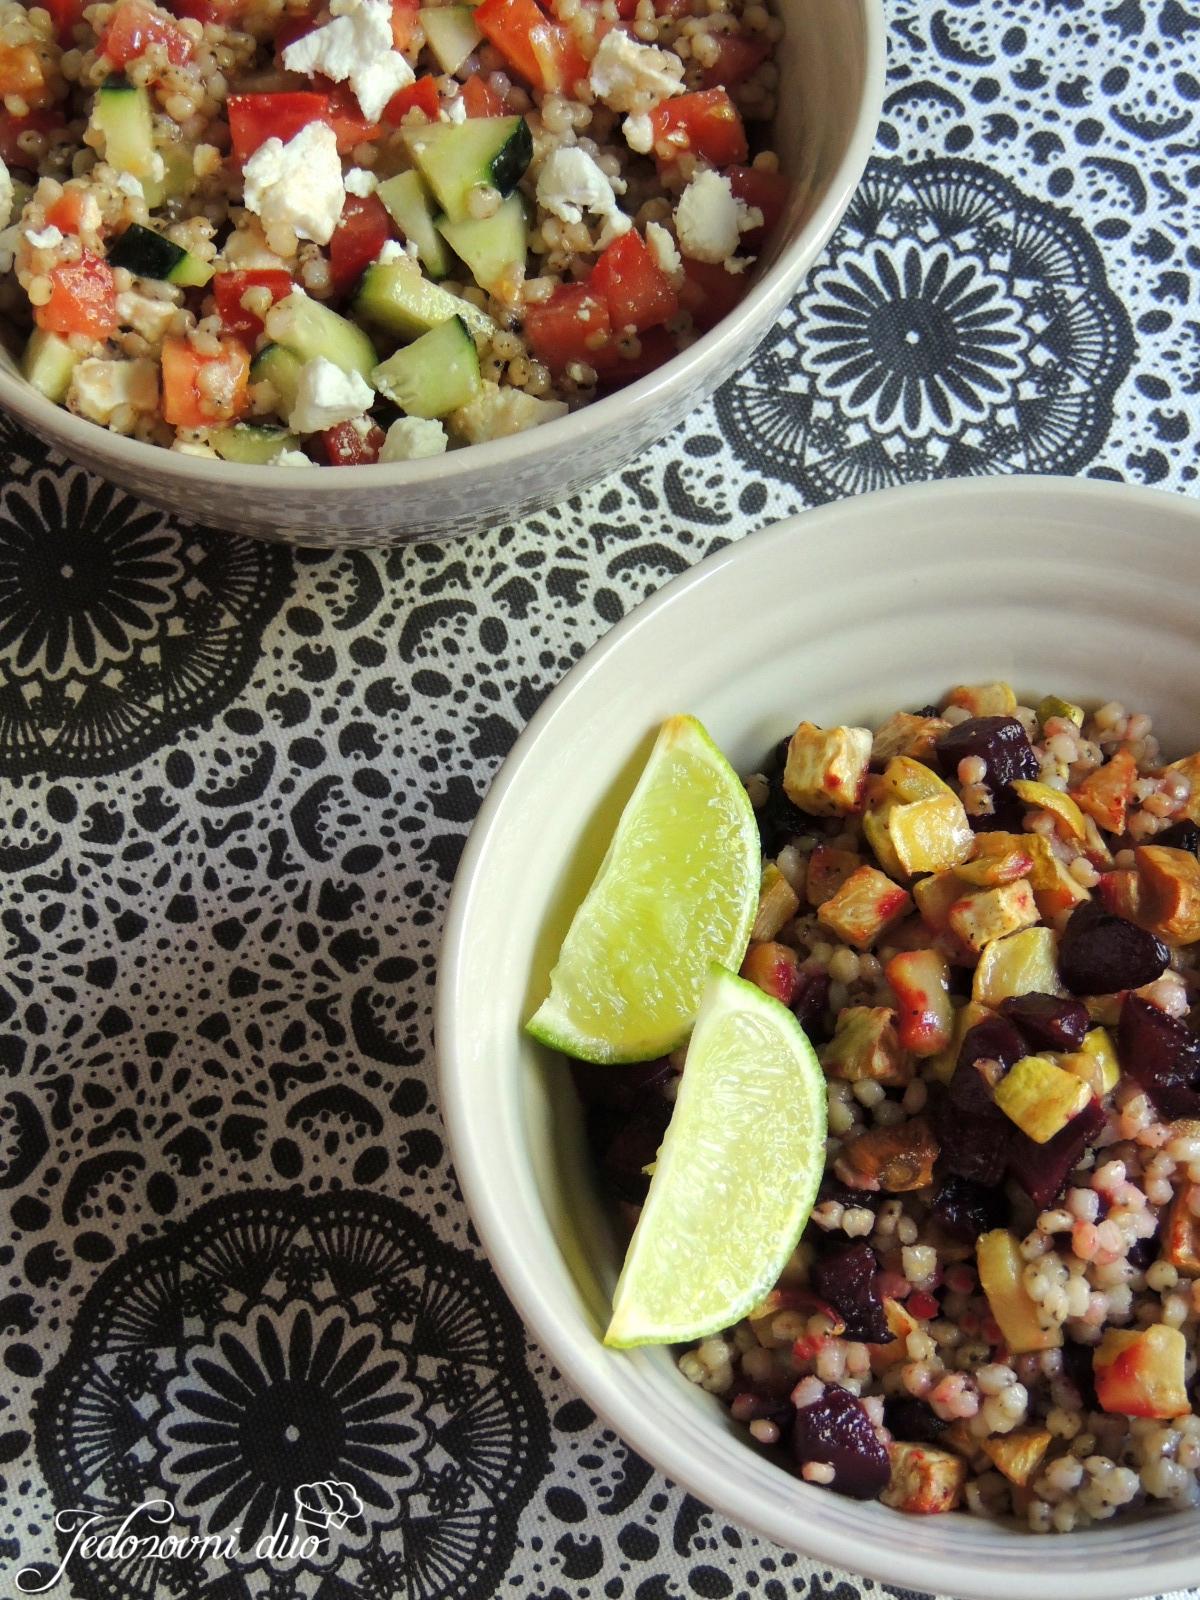 Sorghum salate (13)b